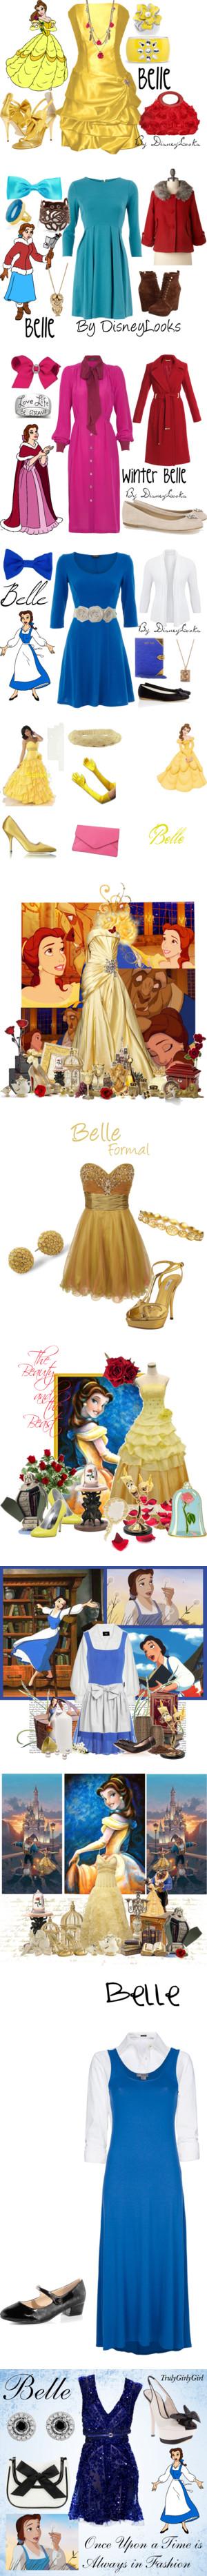 Yellow dress like belle  Dress Like Belle